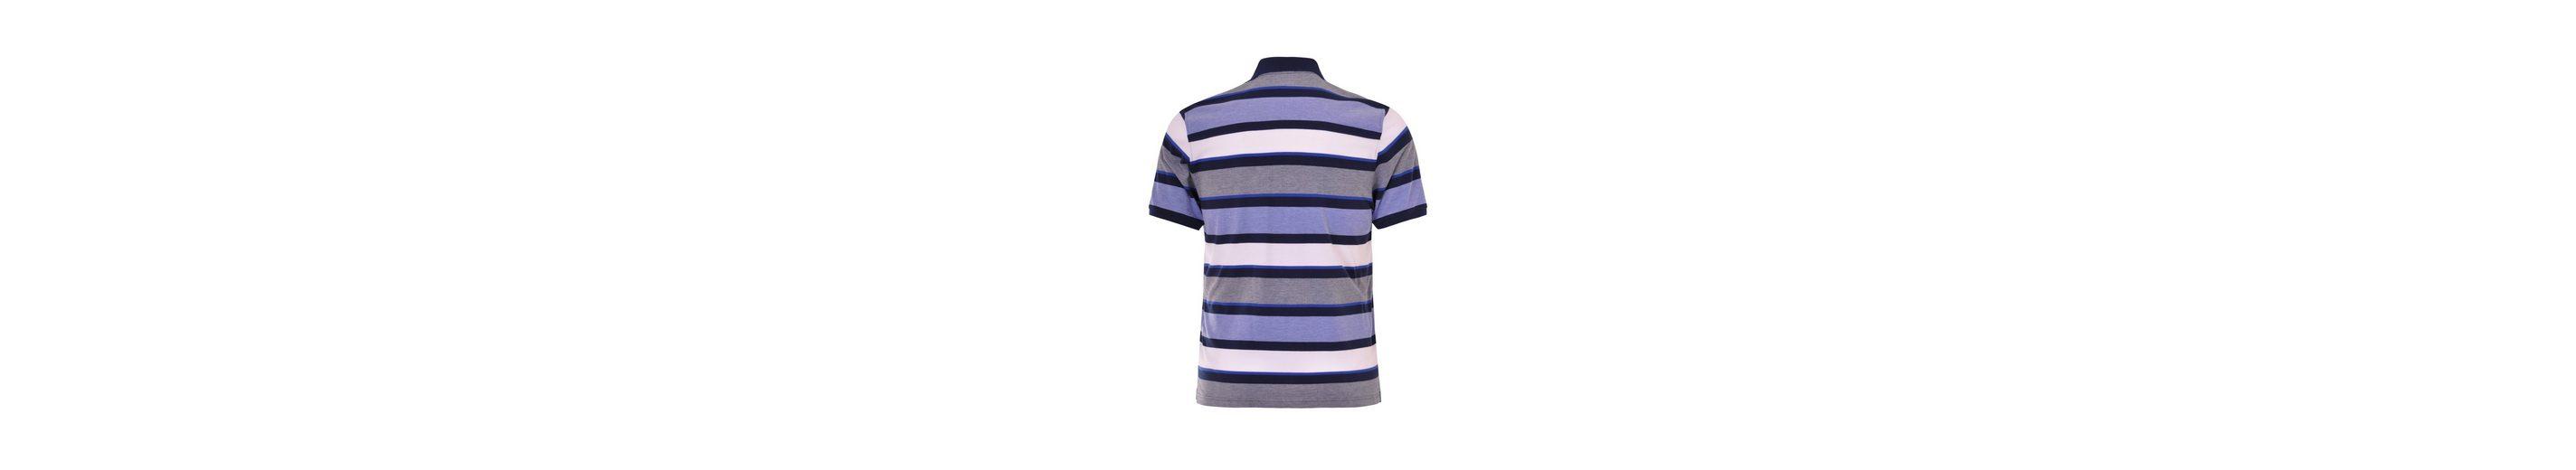 NAVIGAZIONE Poloshirt, super Tragegefühl, weiche leichte Ware